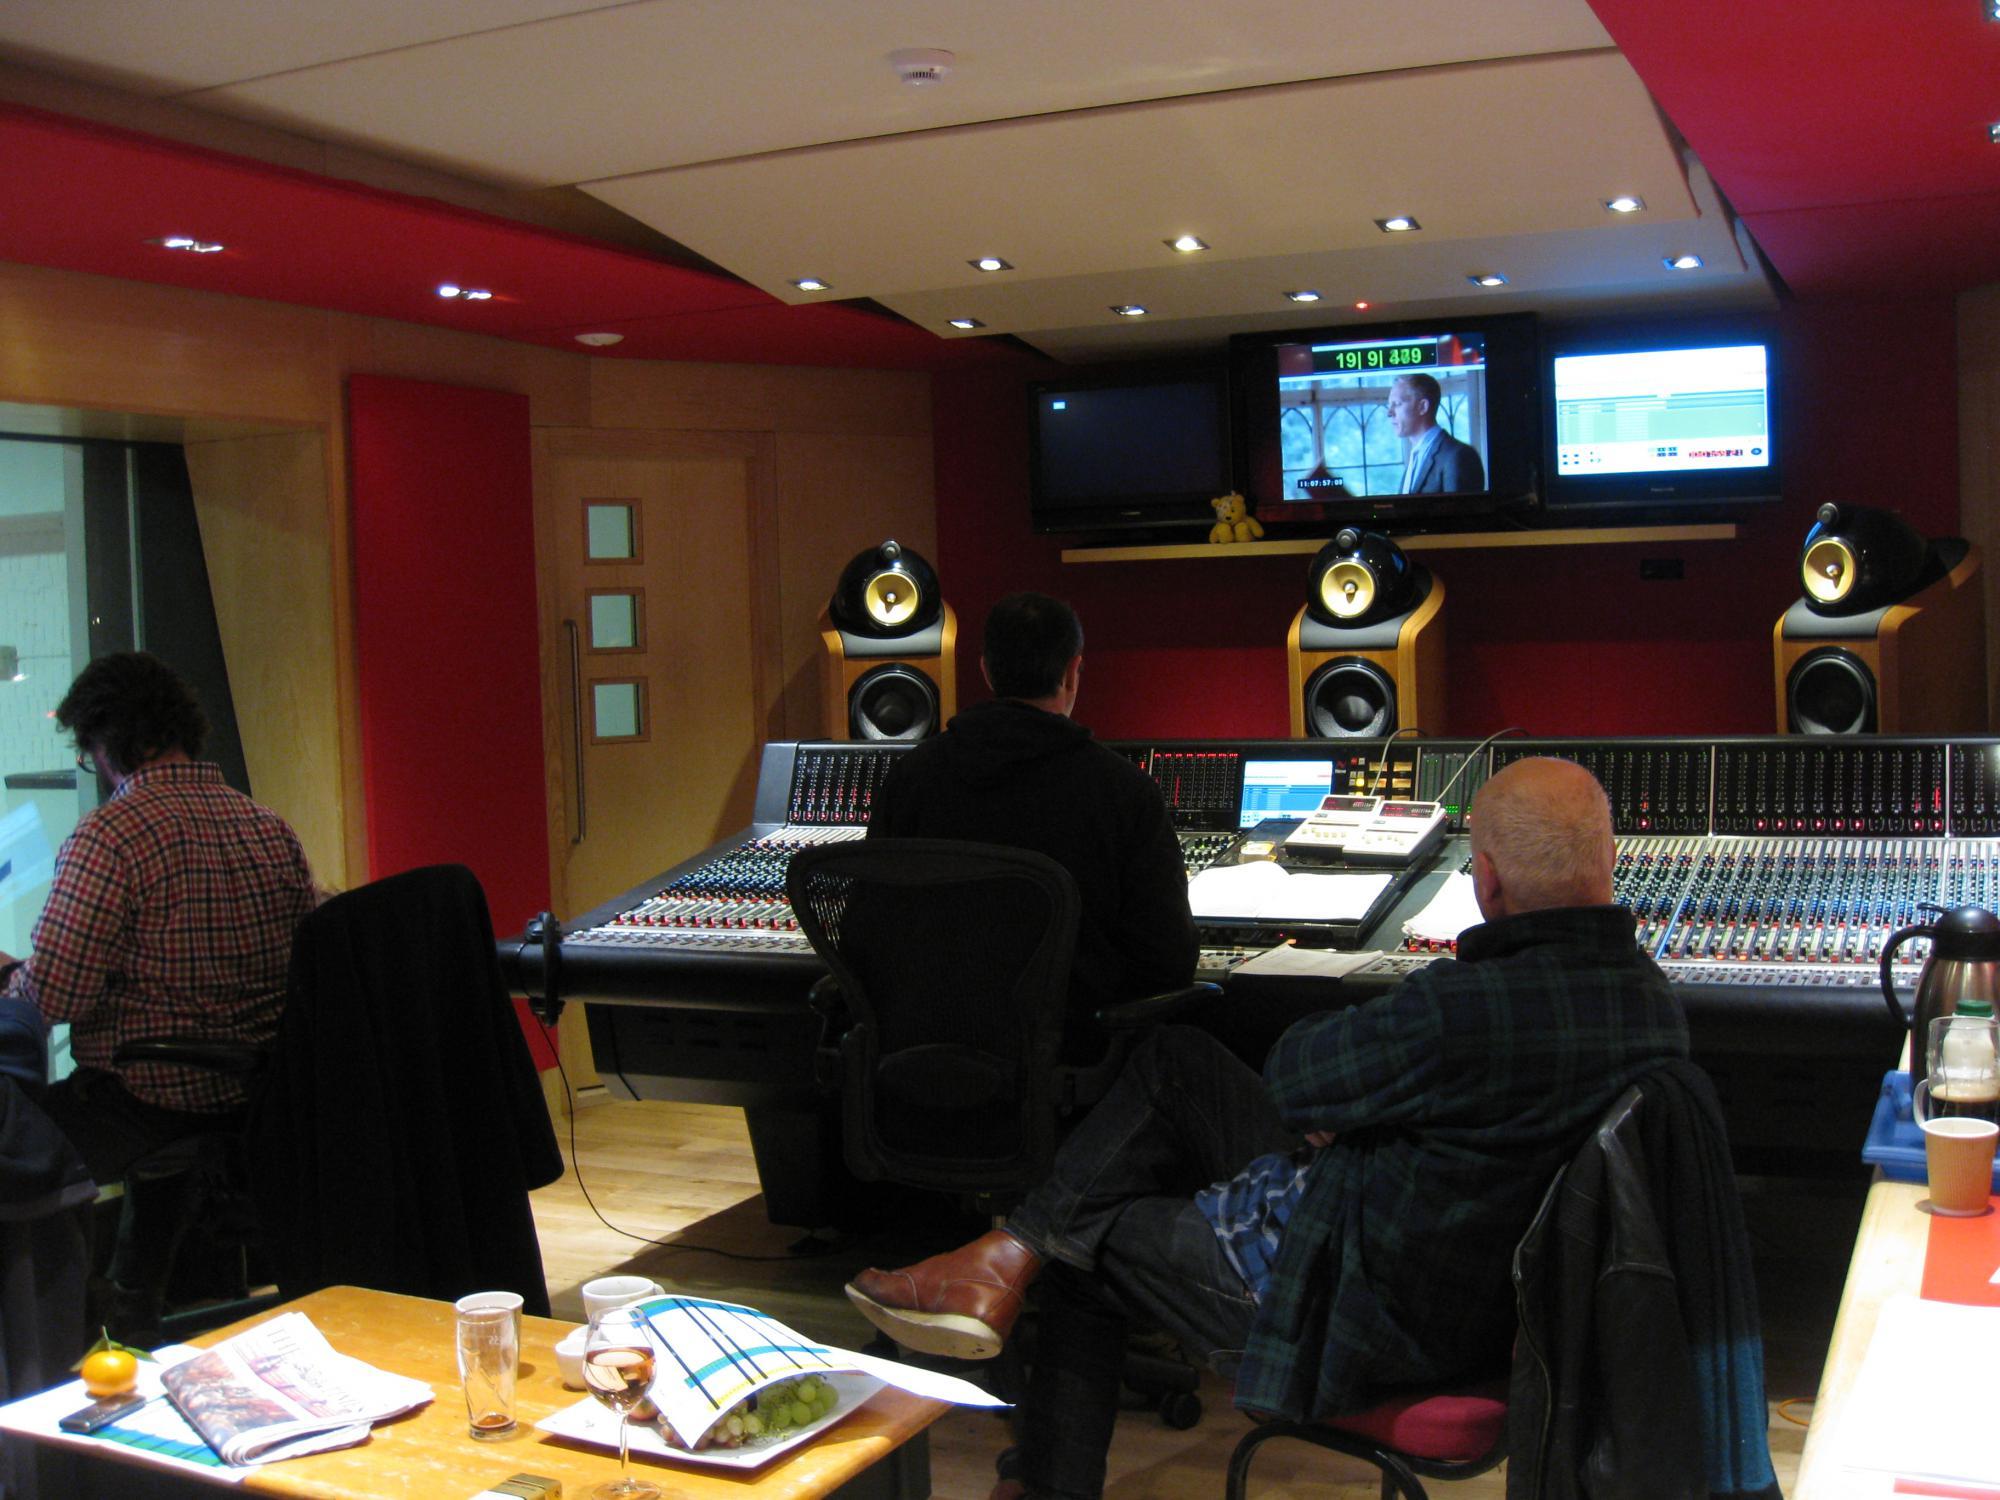 8 for Zimmer 0 studios elda